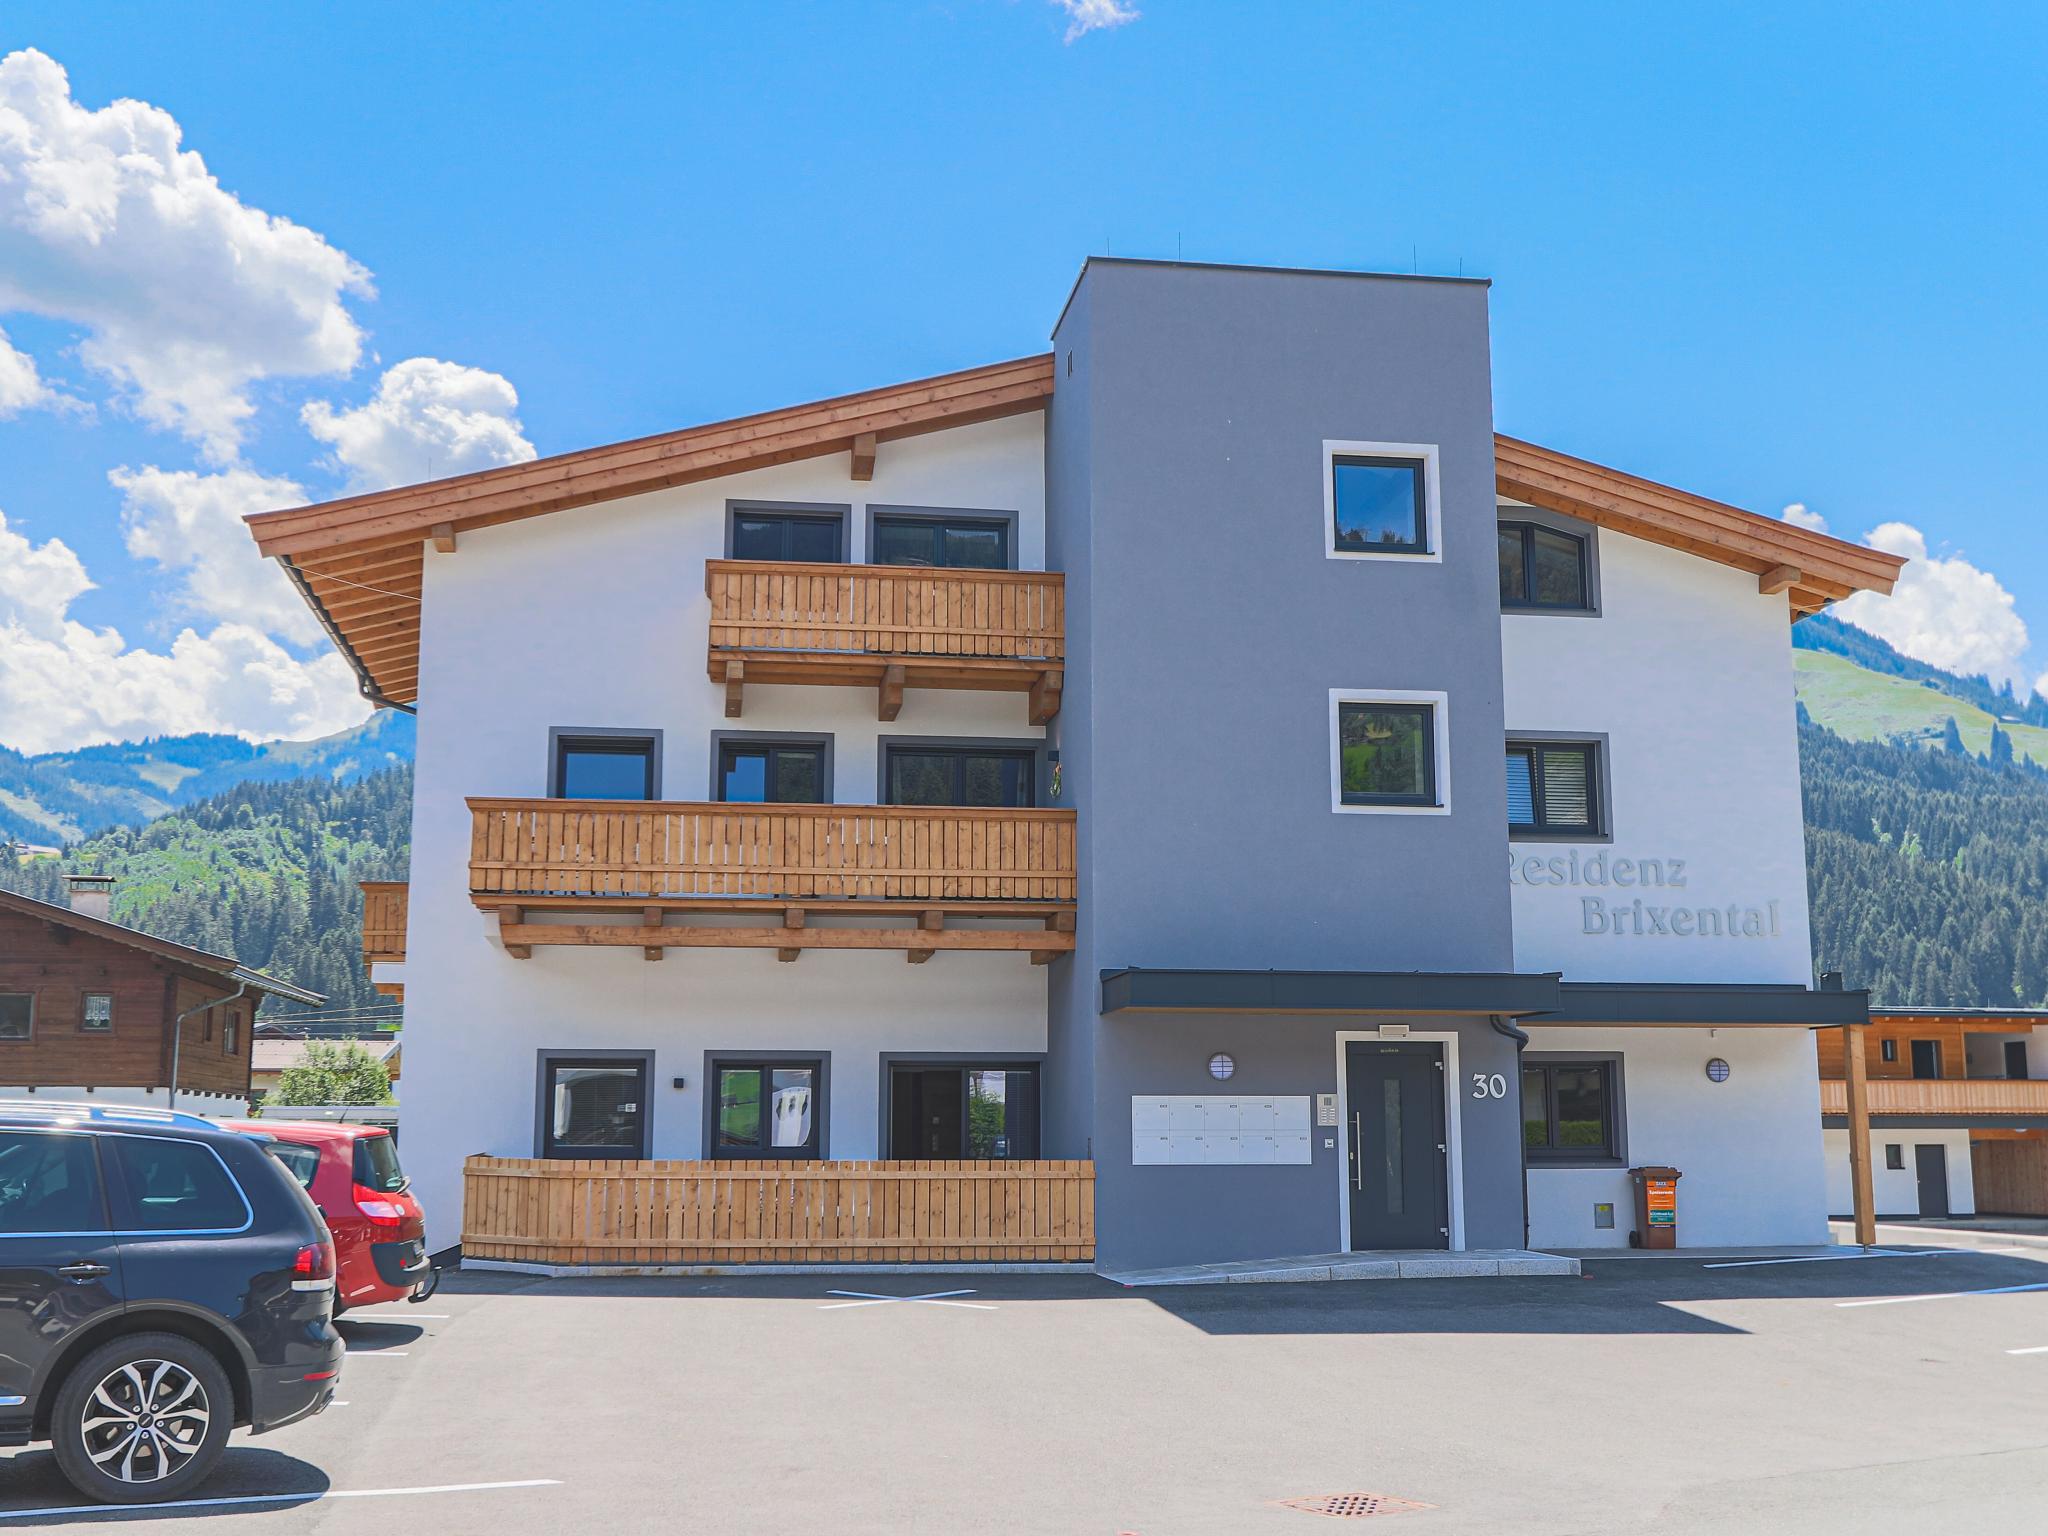 Haus Brixental T 8 Tirol